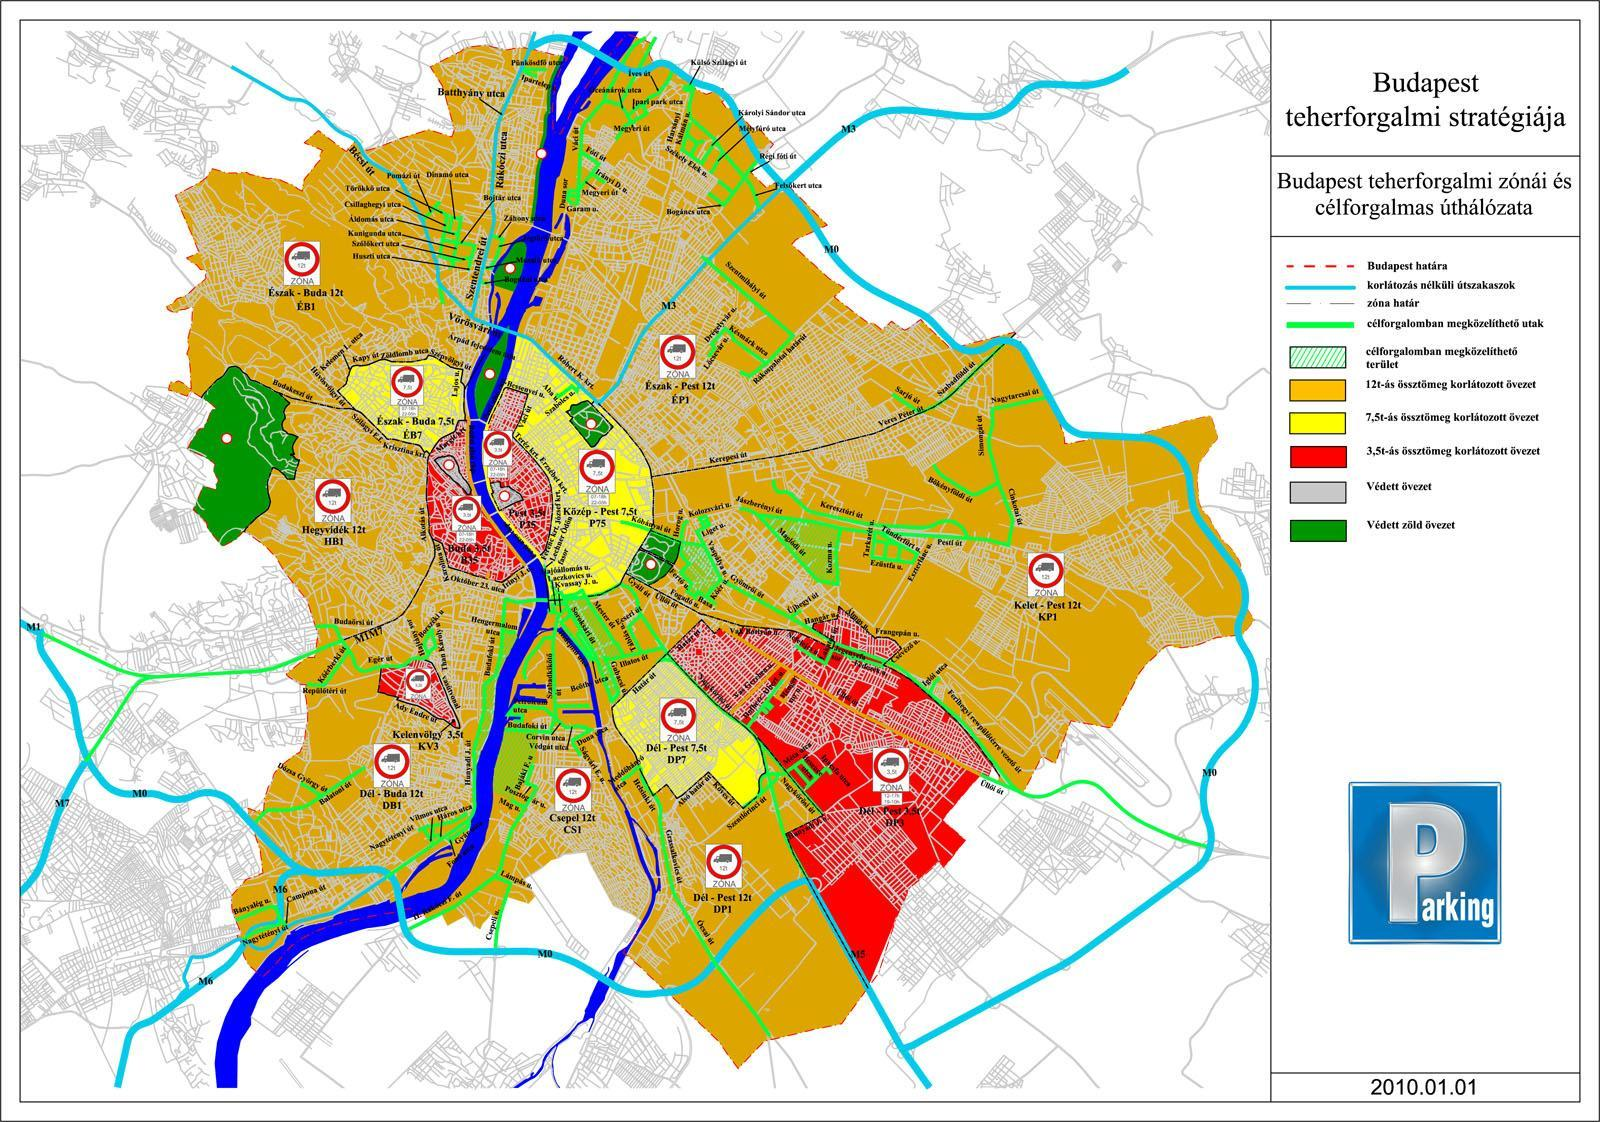 budapest sulykorlátozás térkép Behajtási zónák budapest sulykorlátozás térkép